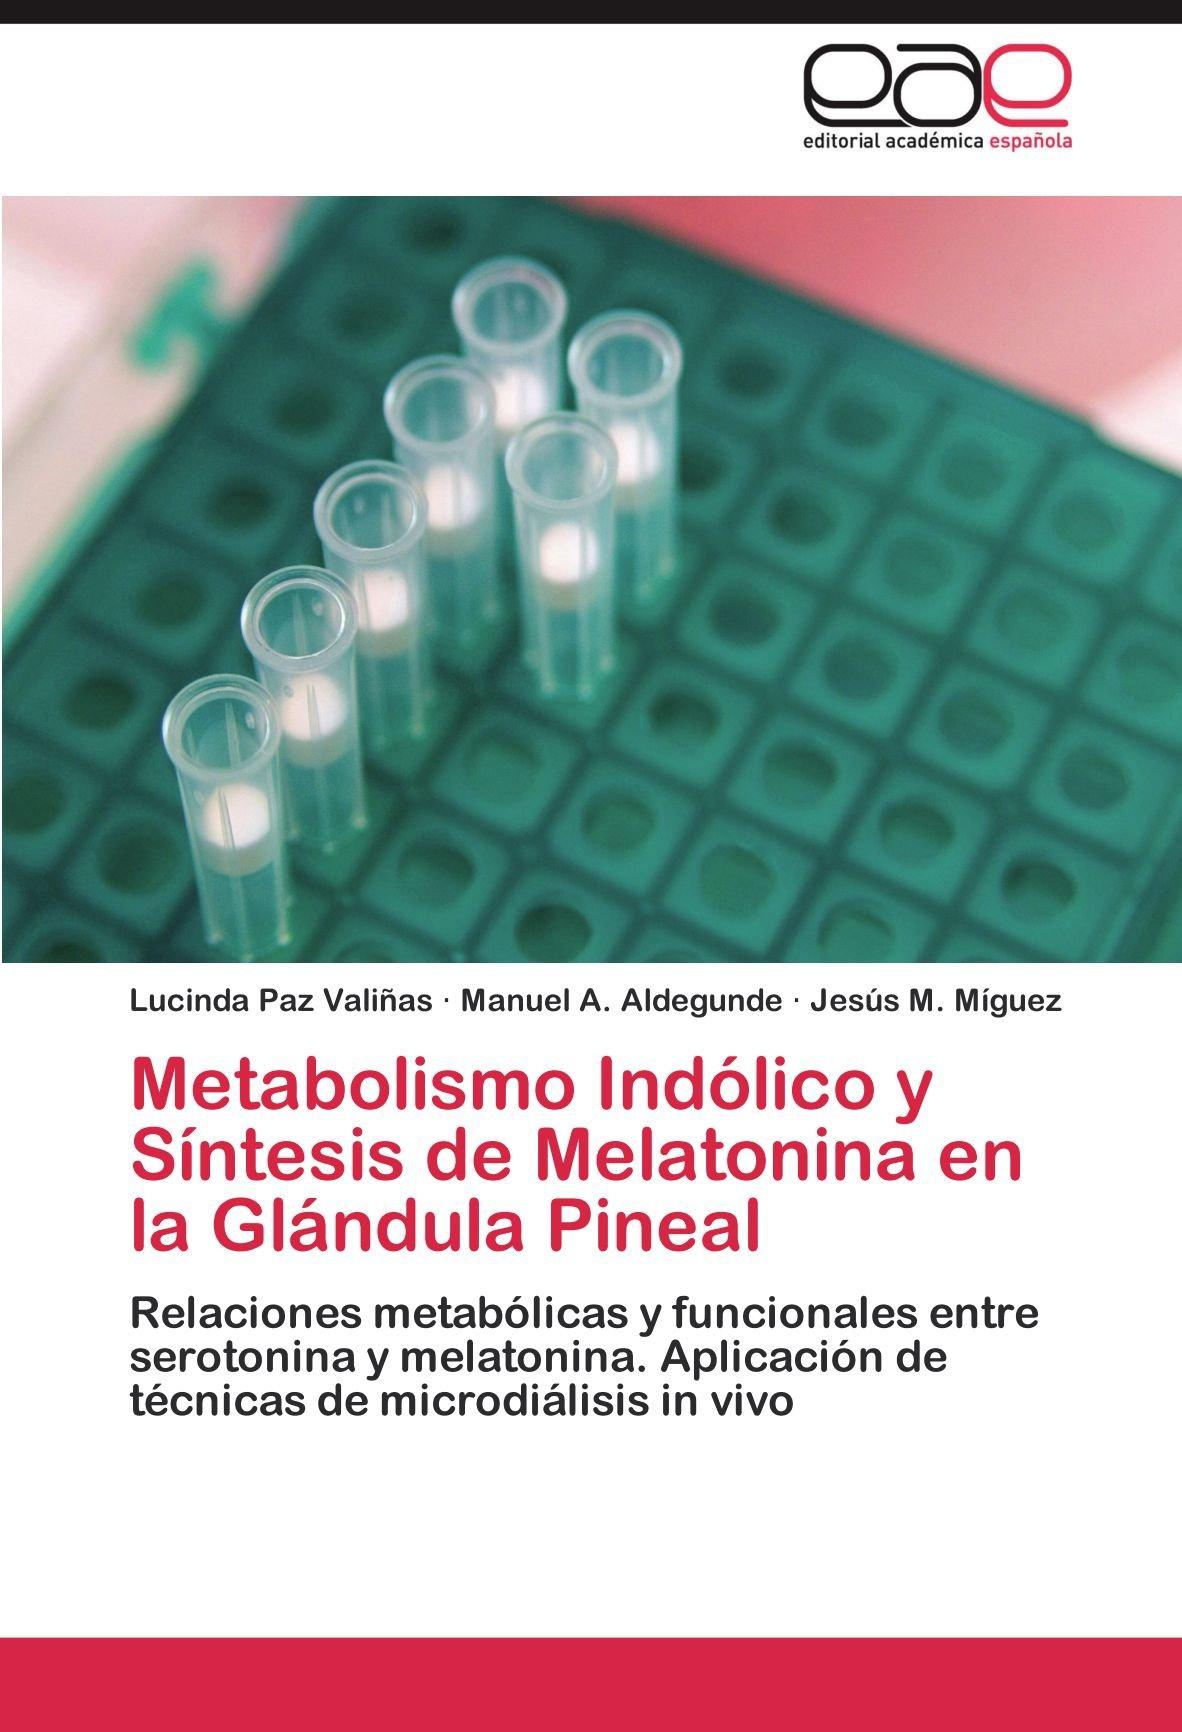 Metabolismo Indólico y Síntesis de Melatonina en la Glándula Pineal: Amazon.es: Paz Valiñas Lucinda, Aldegunde Manuel A., Míguez Jesús M.: Libros